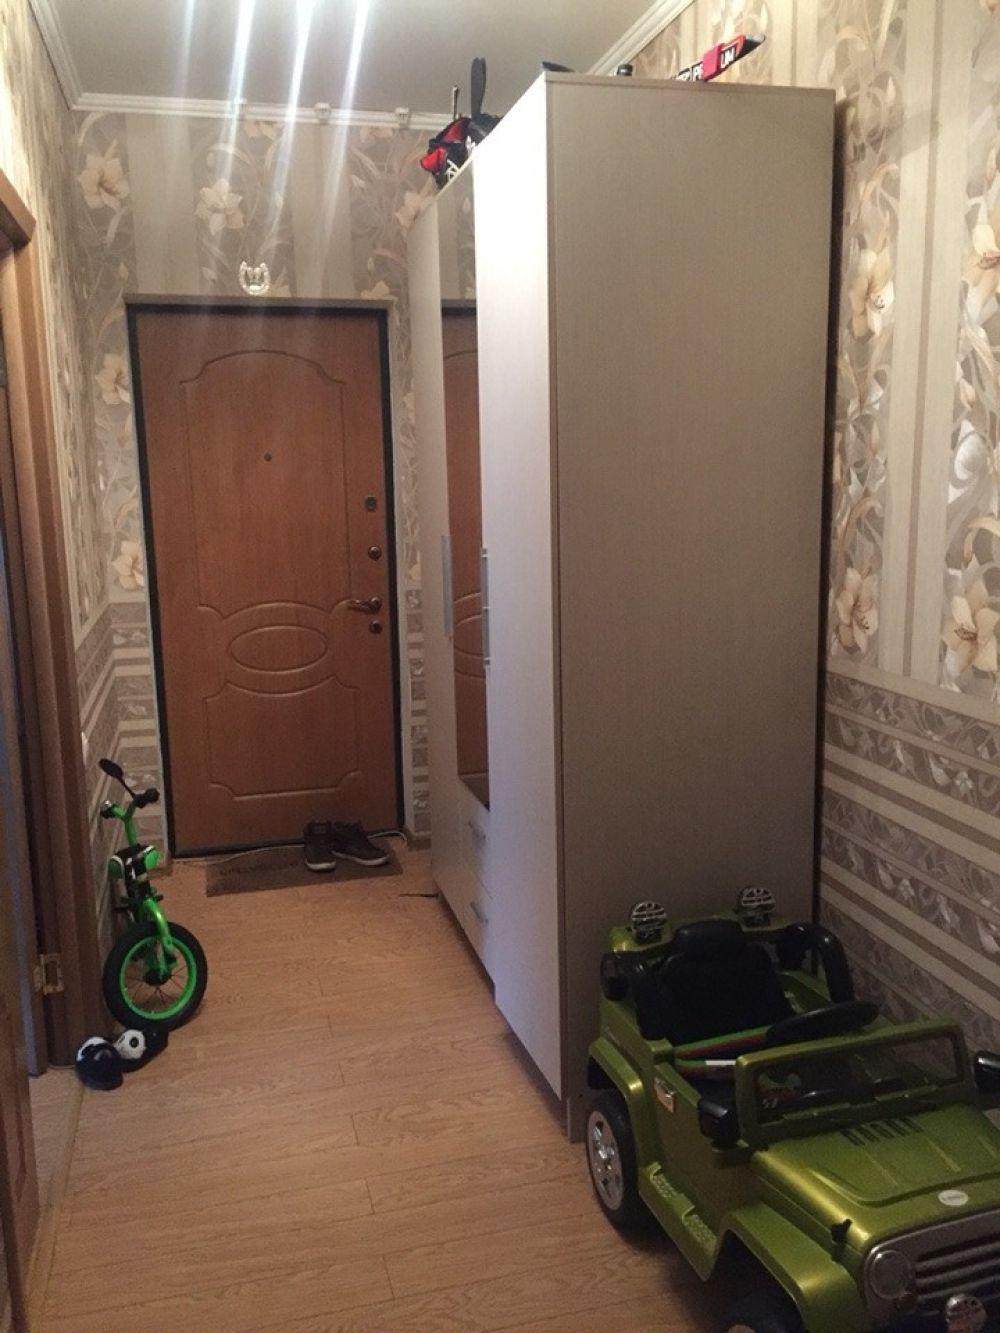 Двухкомнатная квартира 60 м2, Щёлково, Богородский мкр 7, фото 2